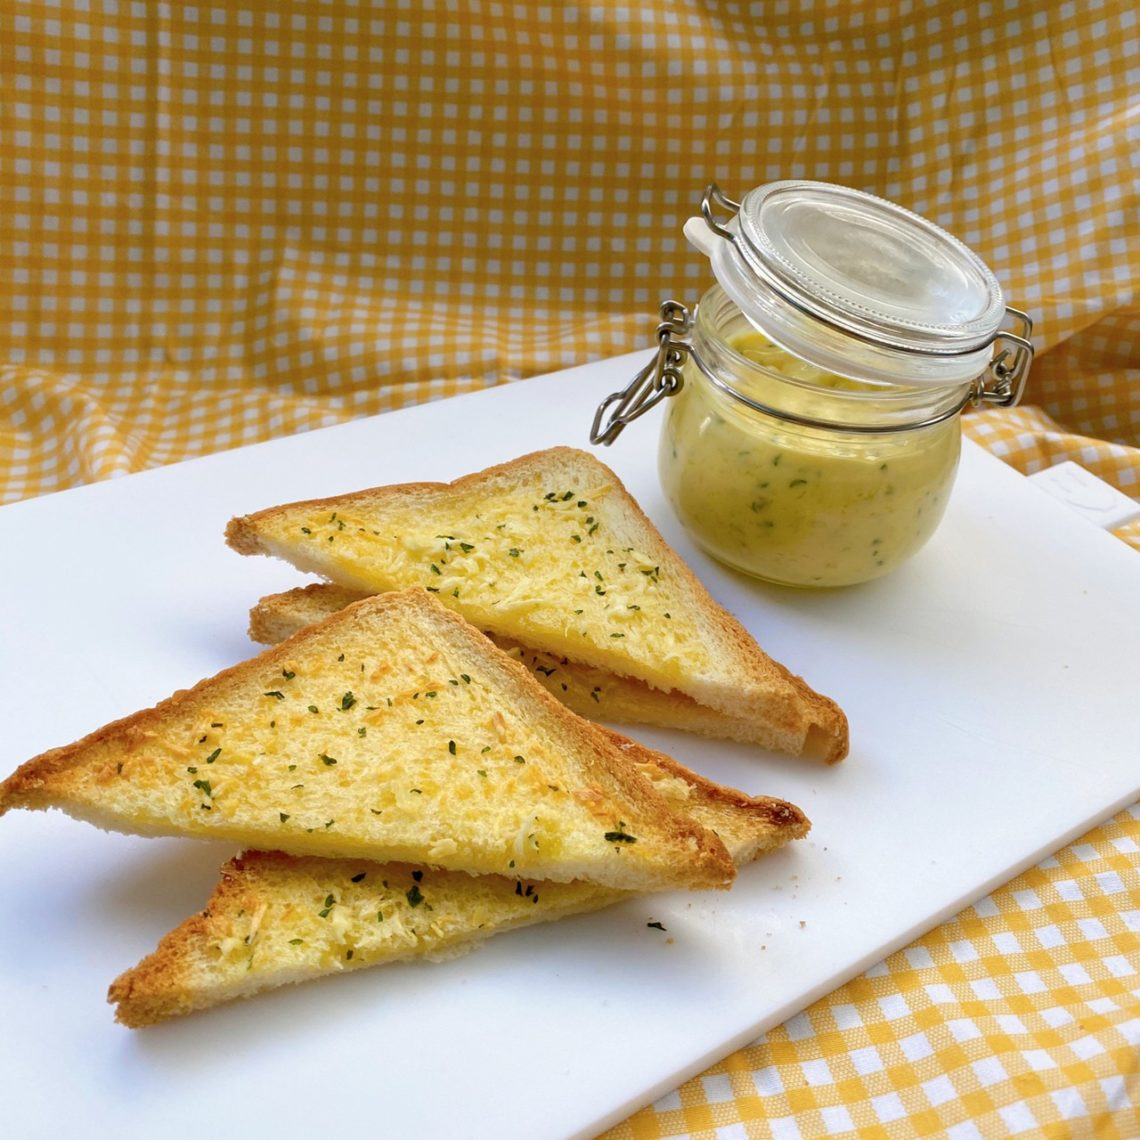 เมนูเศษขนมปัง เมนูสุดปังรสชาติอร่อย